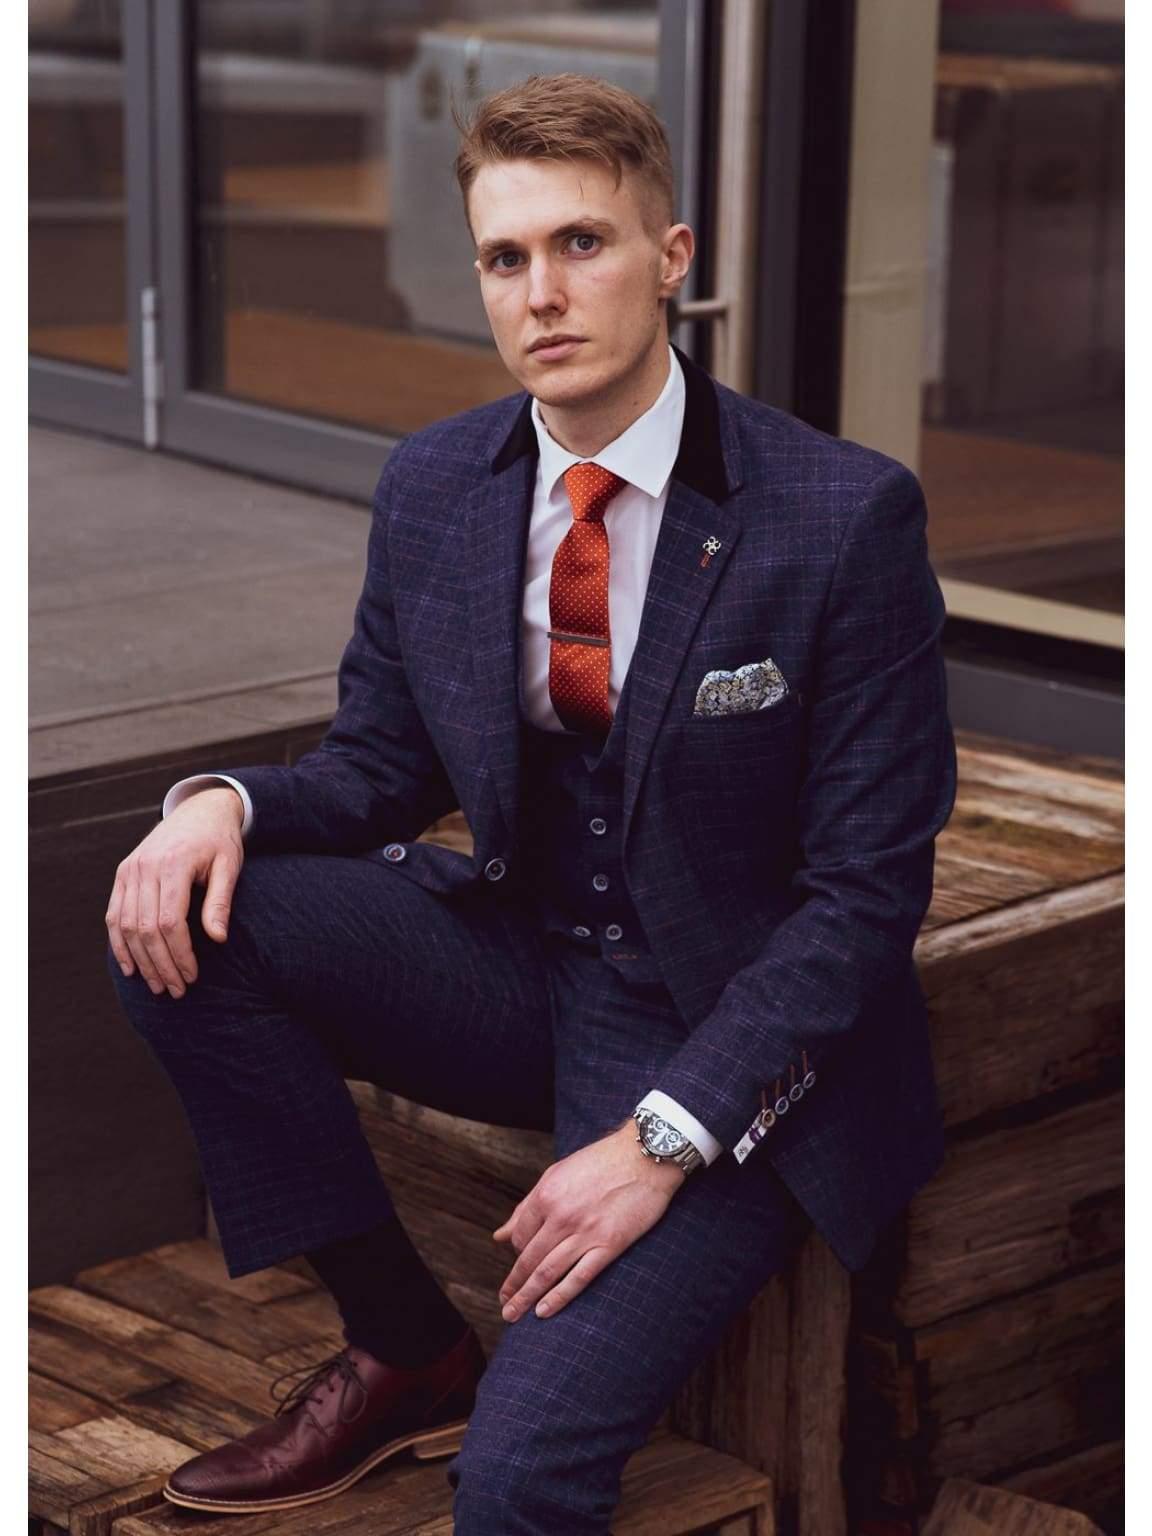 Tweed Style Blue Cavani Kaiser 3 Piece Slim Fit Check Suit - 36R / 30R - Suit & Tailoring